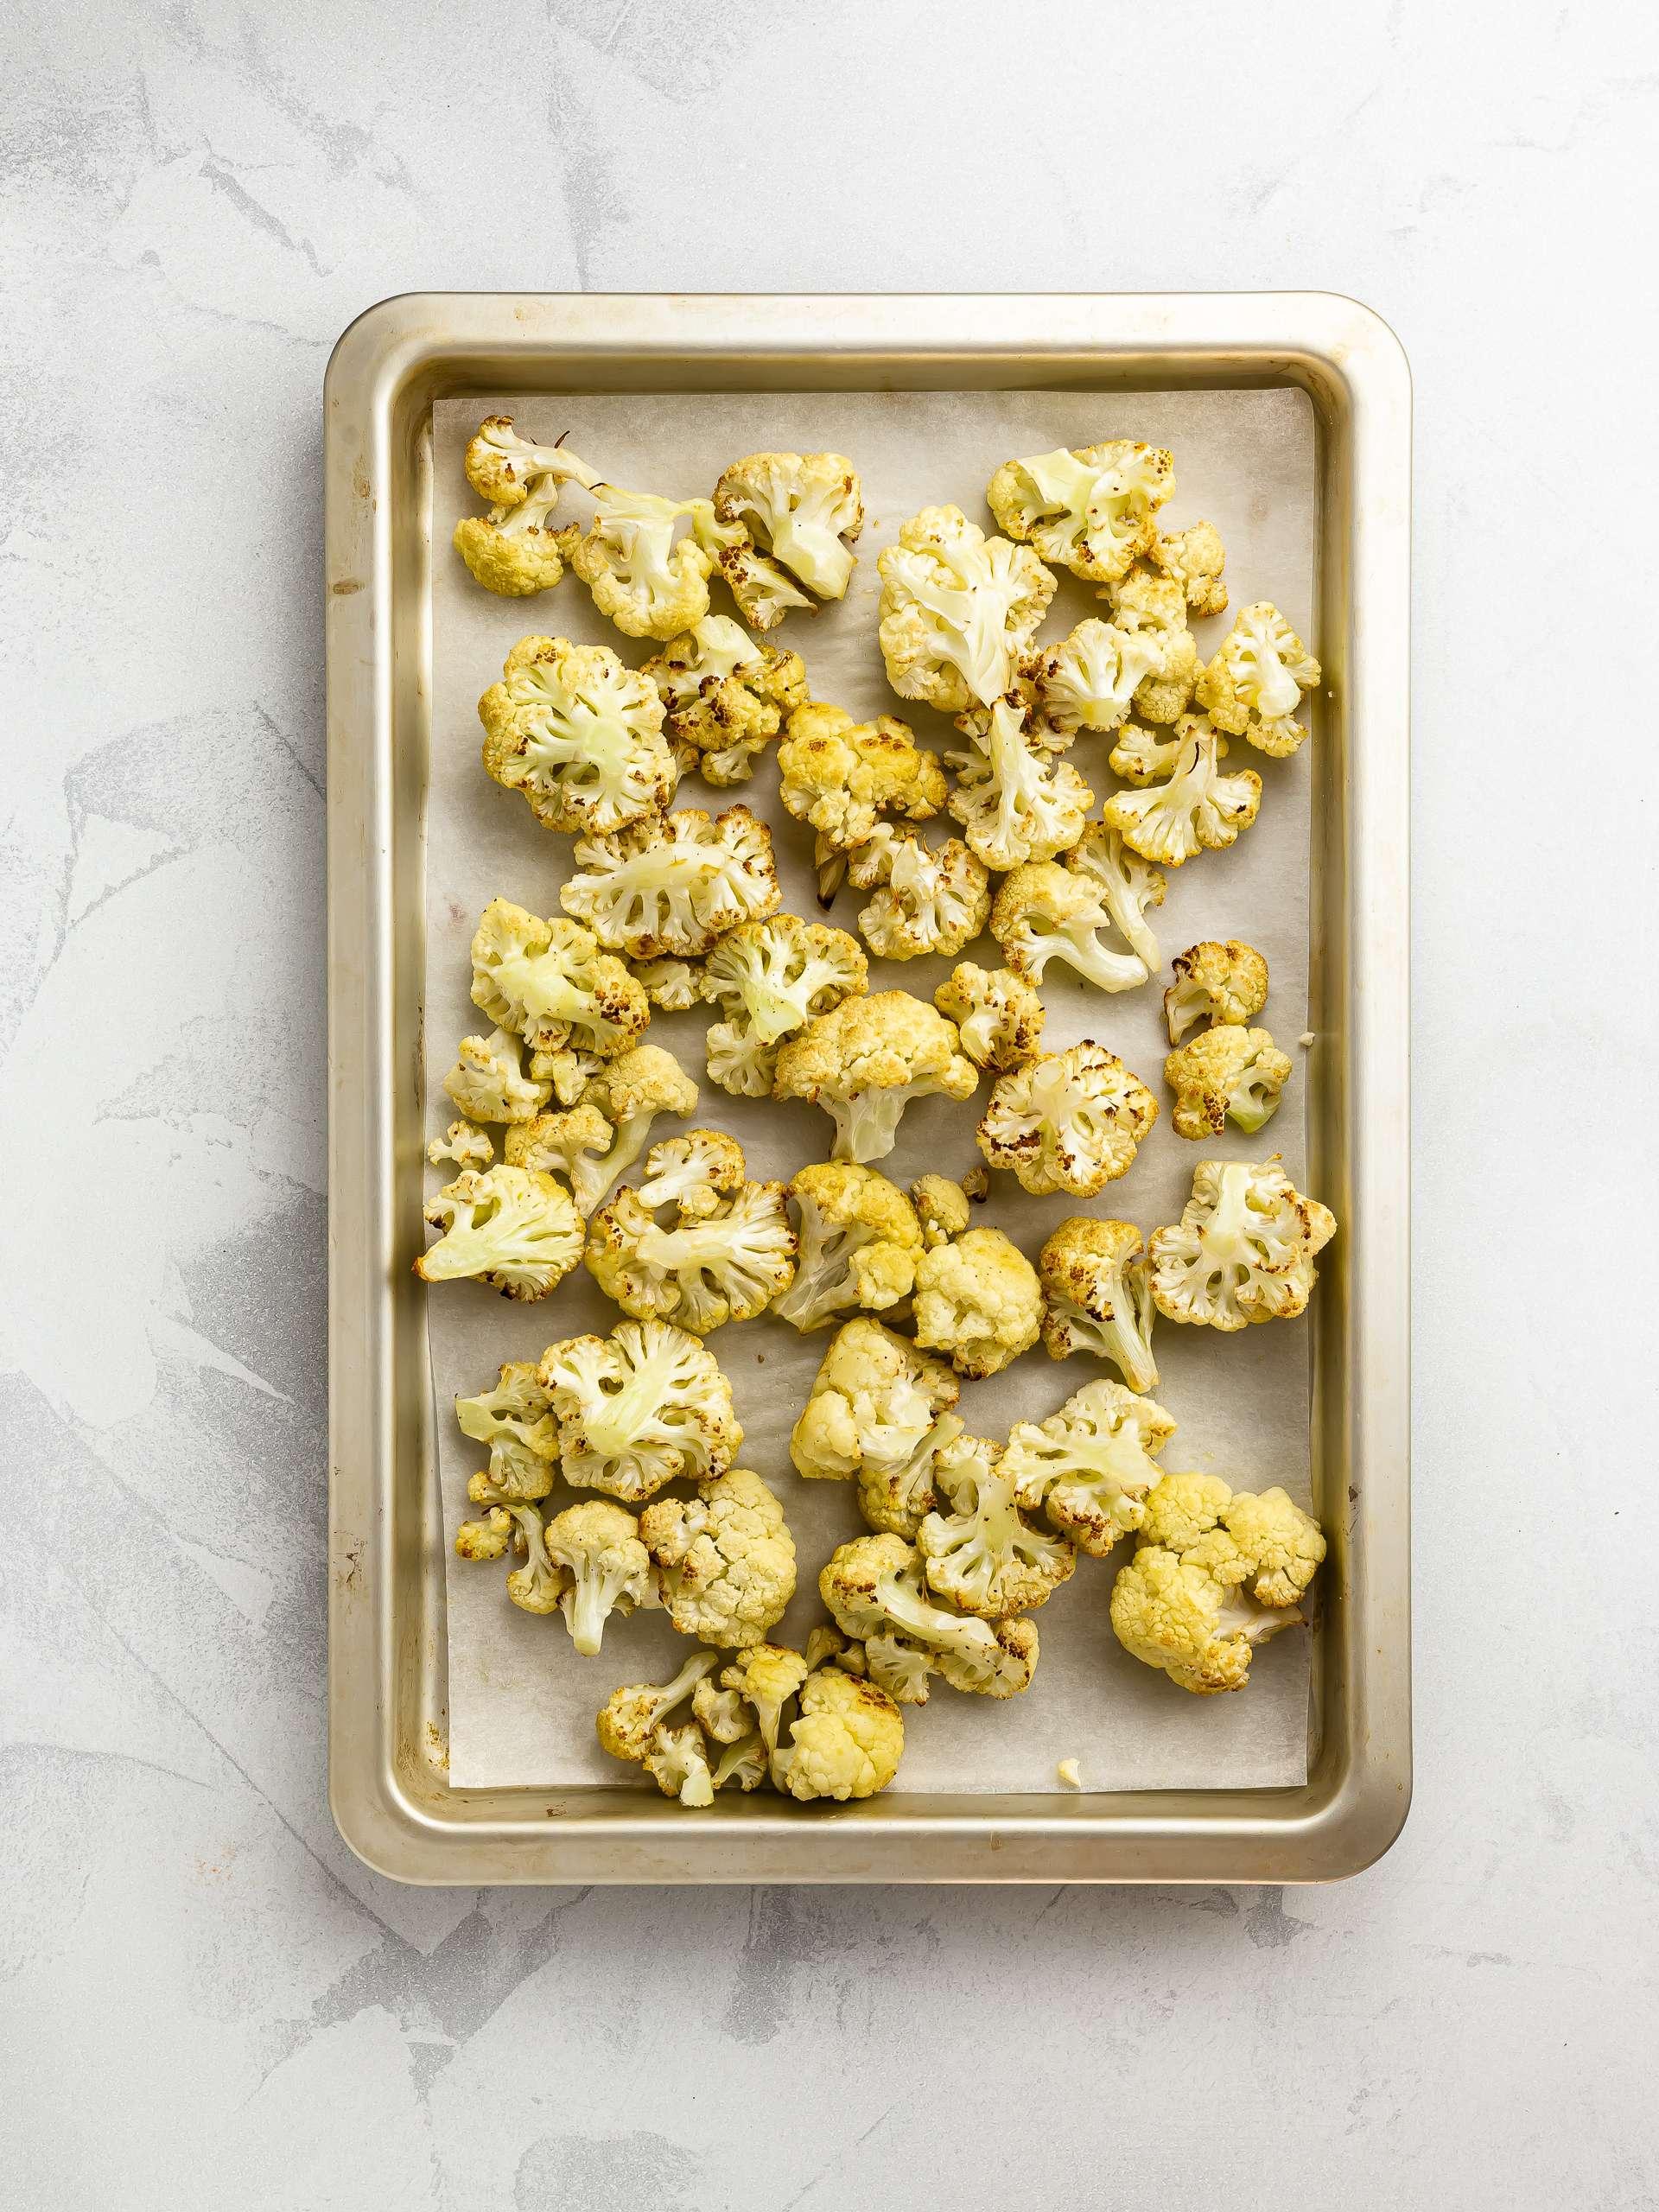 roasted cauliflower florets